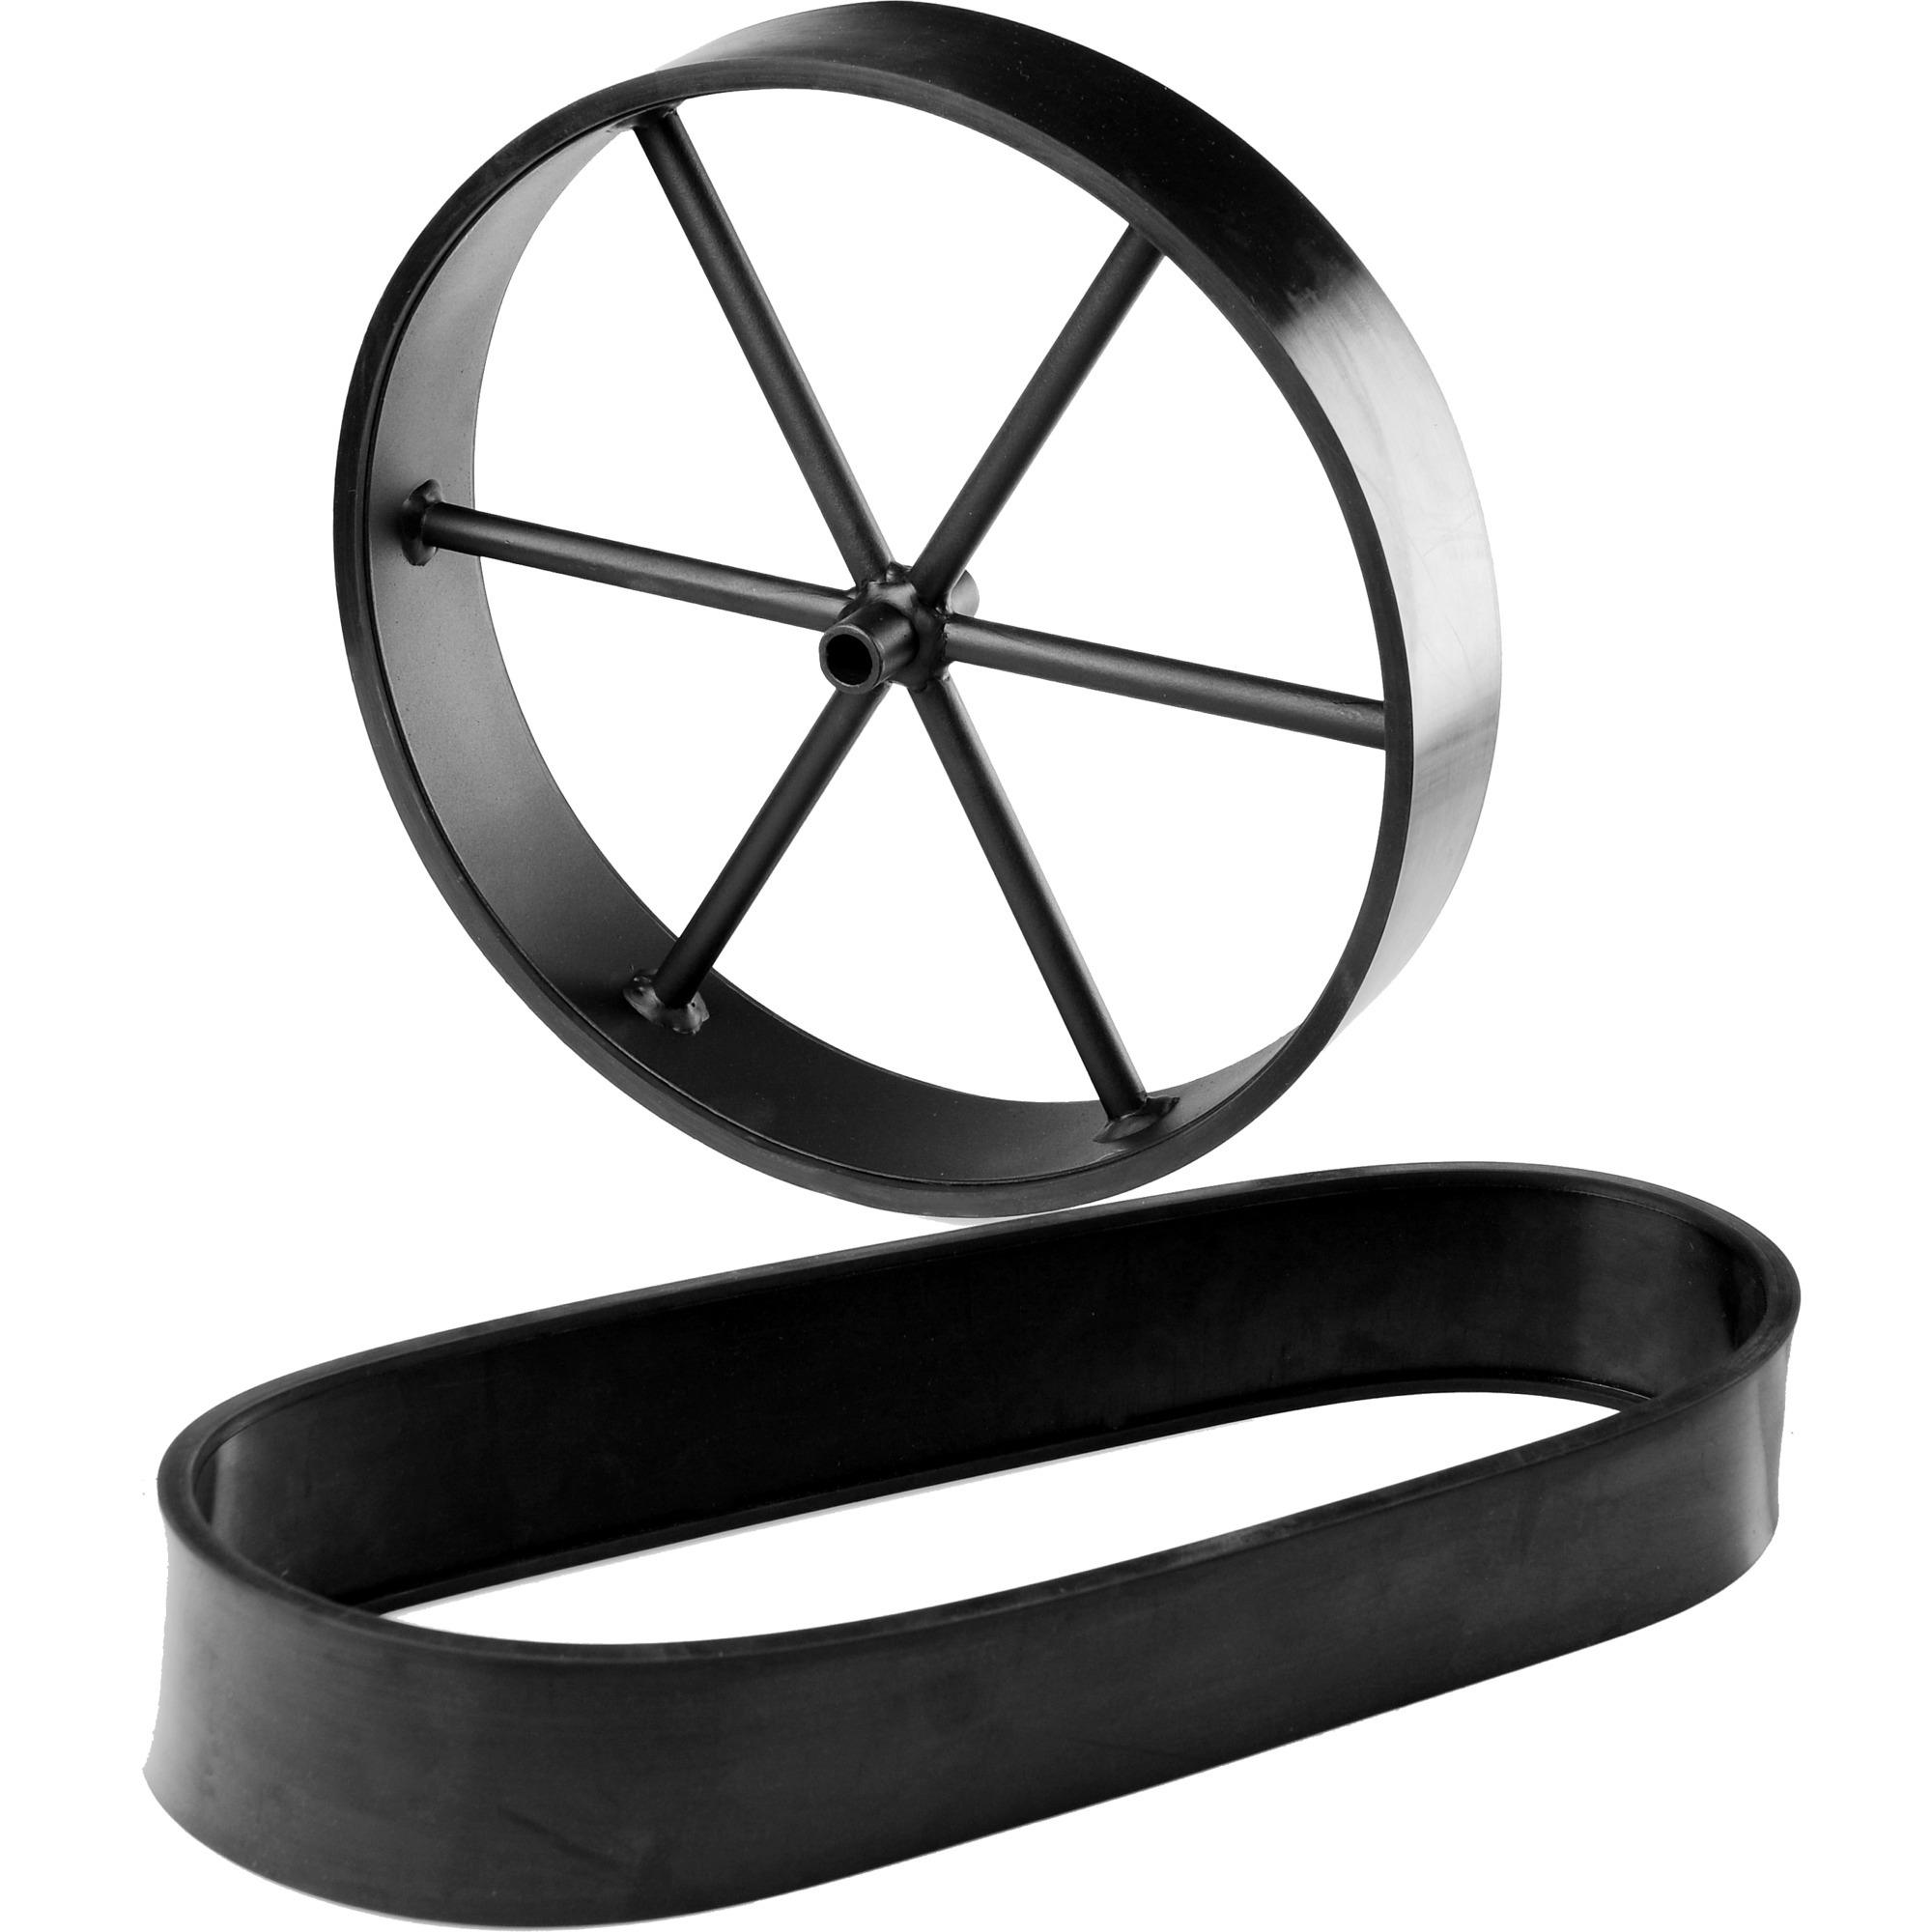 Gummilaufflächen, Reifen